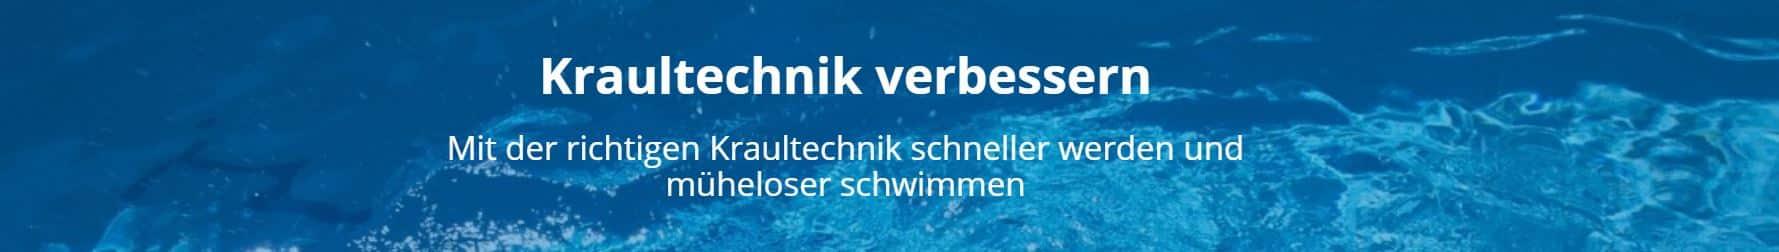 Jens Schüren - Der Kraulkraftverstärker.